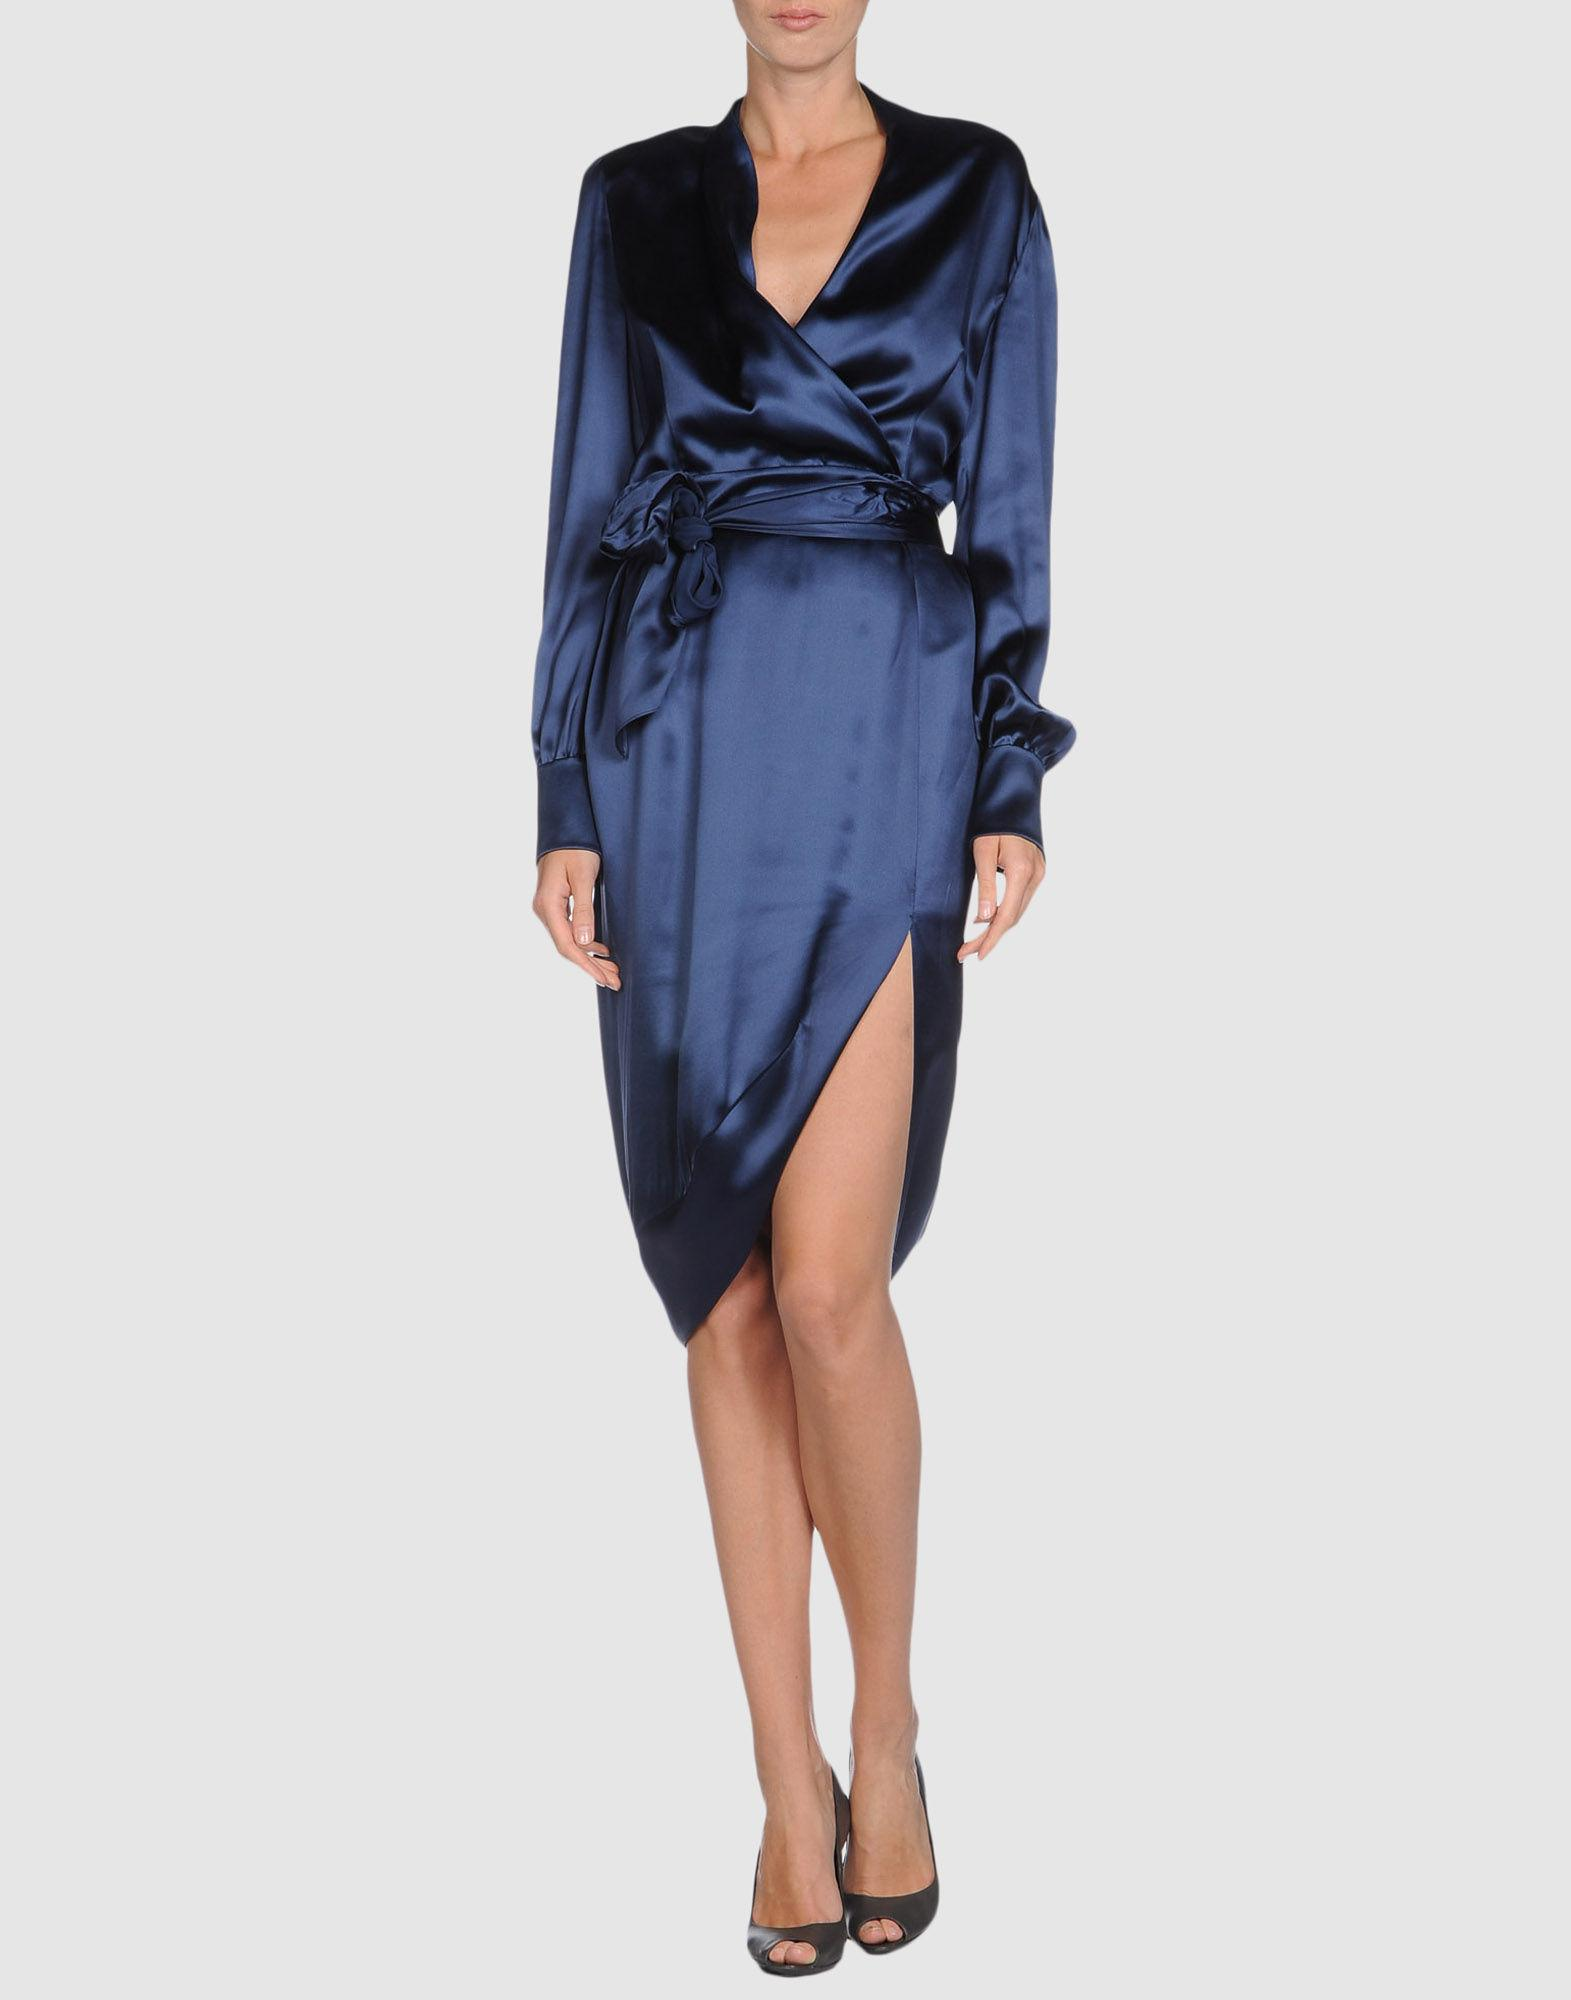 3 - Βραδυνα Φορεματα Yves Saint Laurent Rive Gauche Κωδ.04